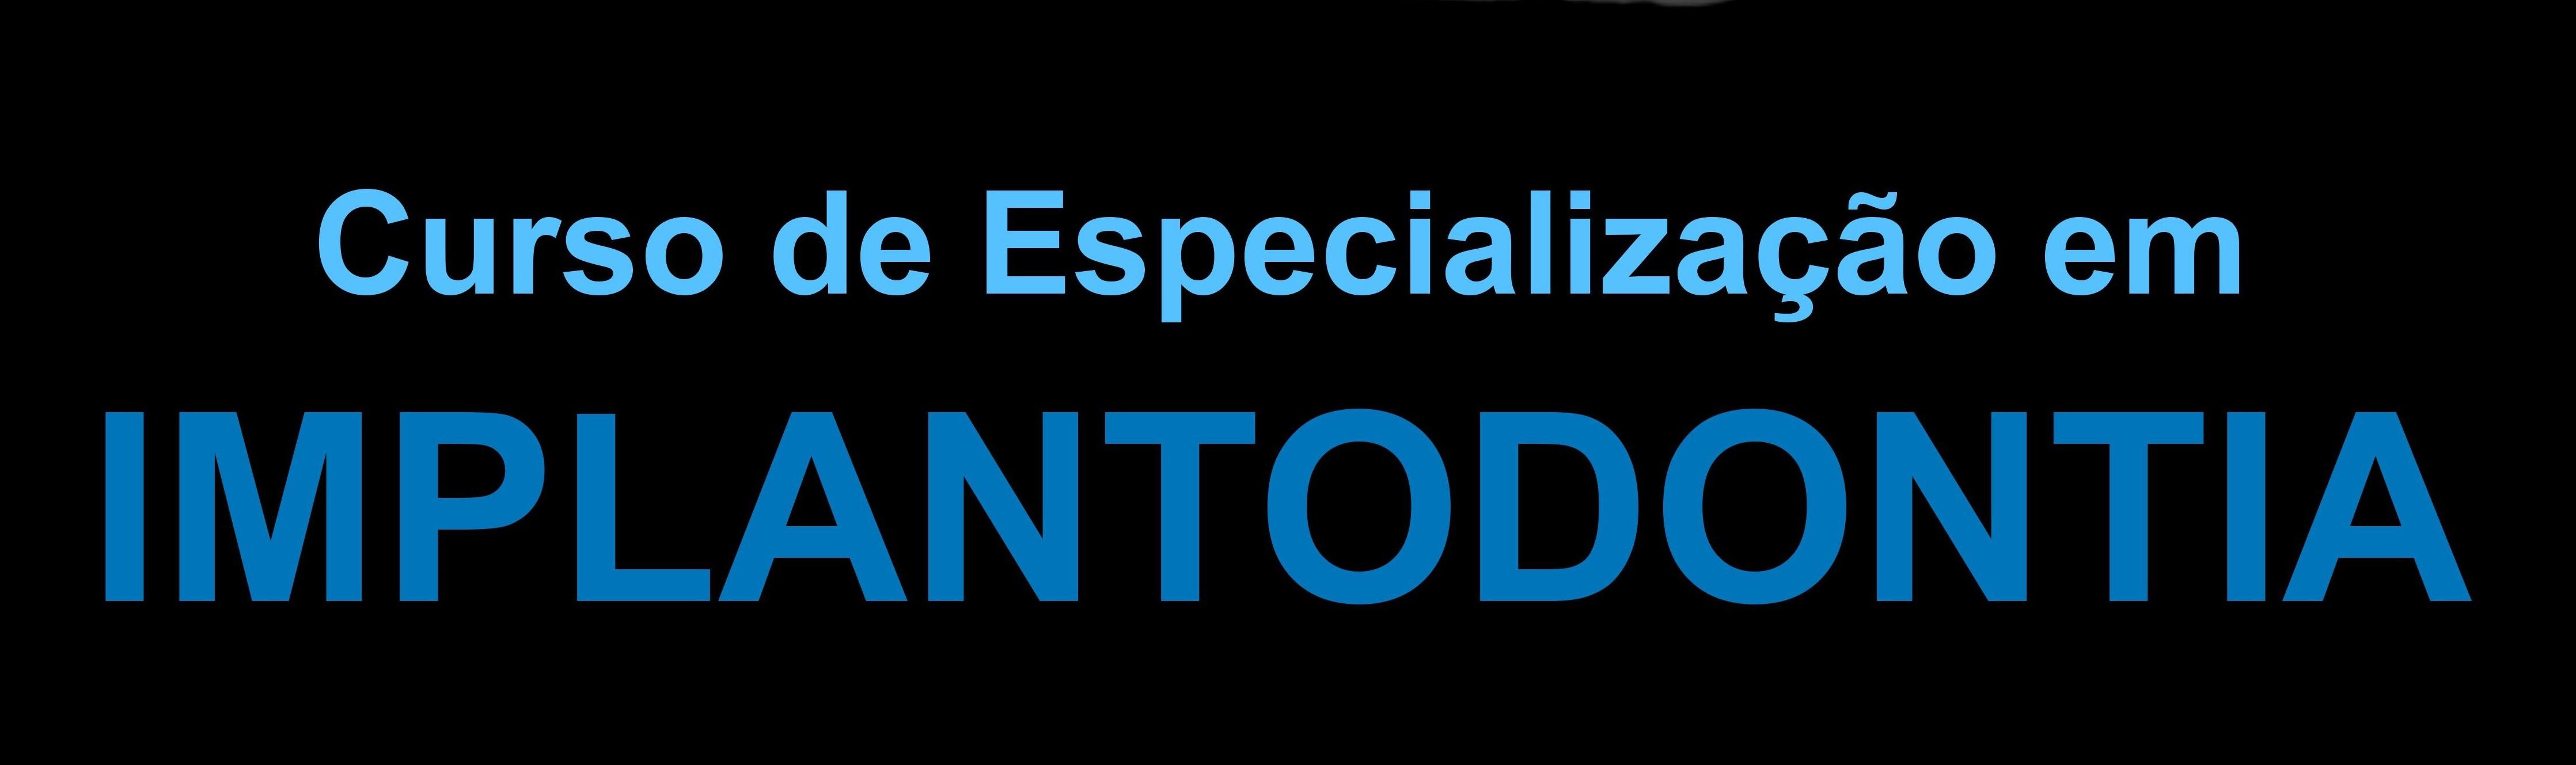 Edital Especialização3